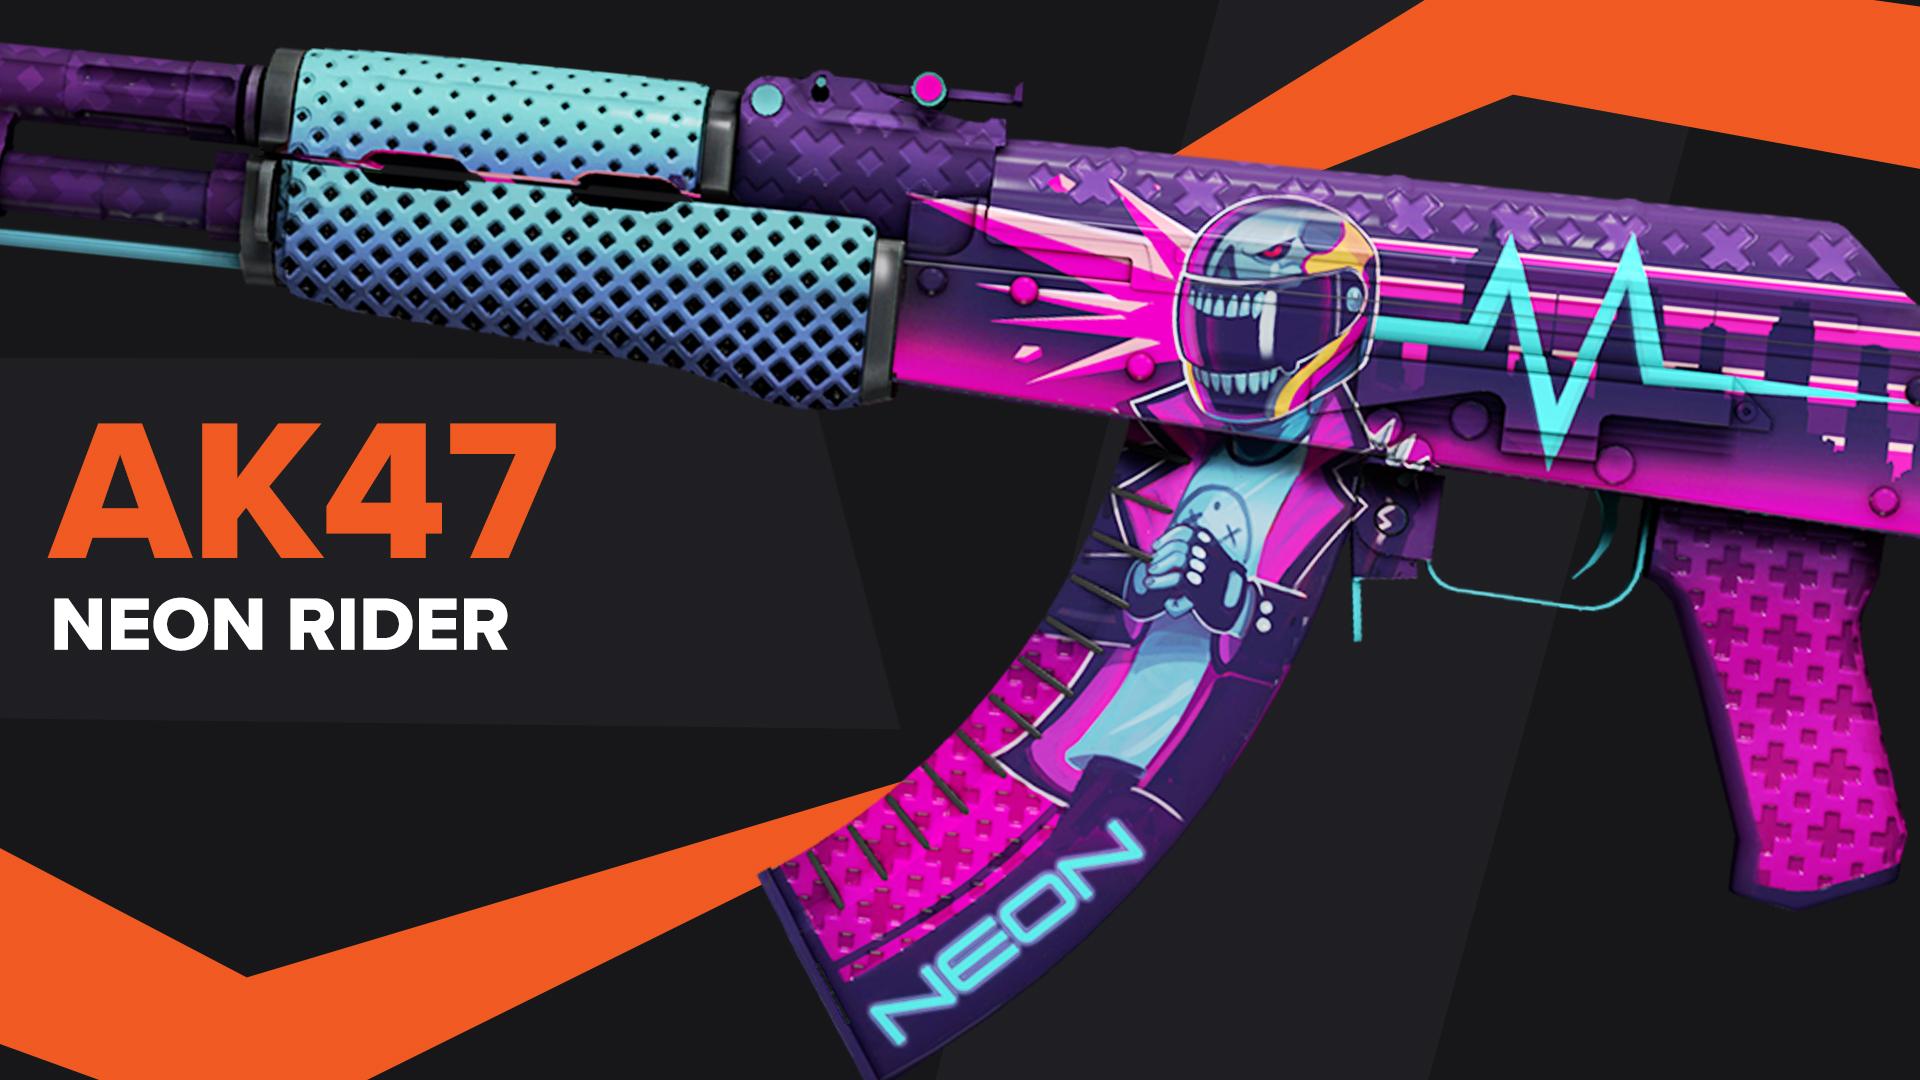 AK47 Neon Rider CSGO Skin